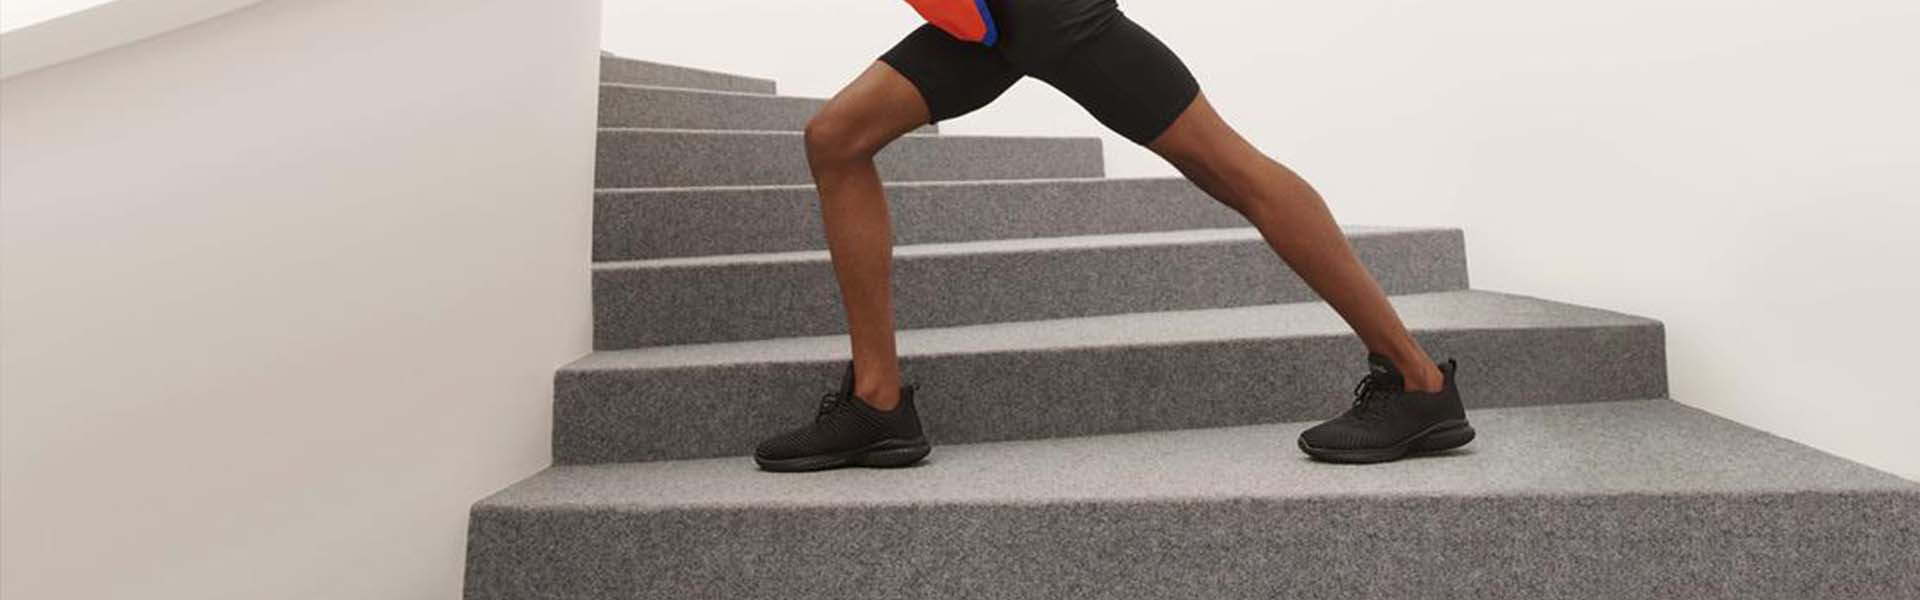 Hogyan válassz sportcipőt?